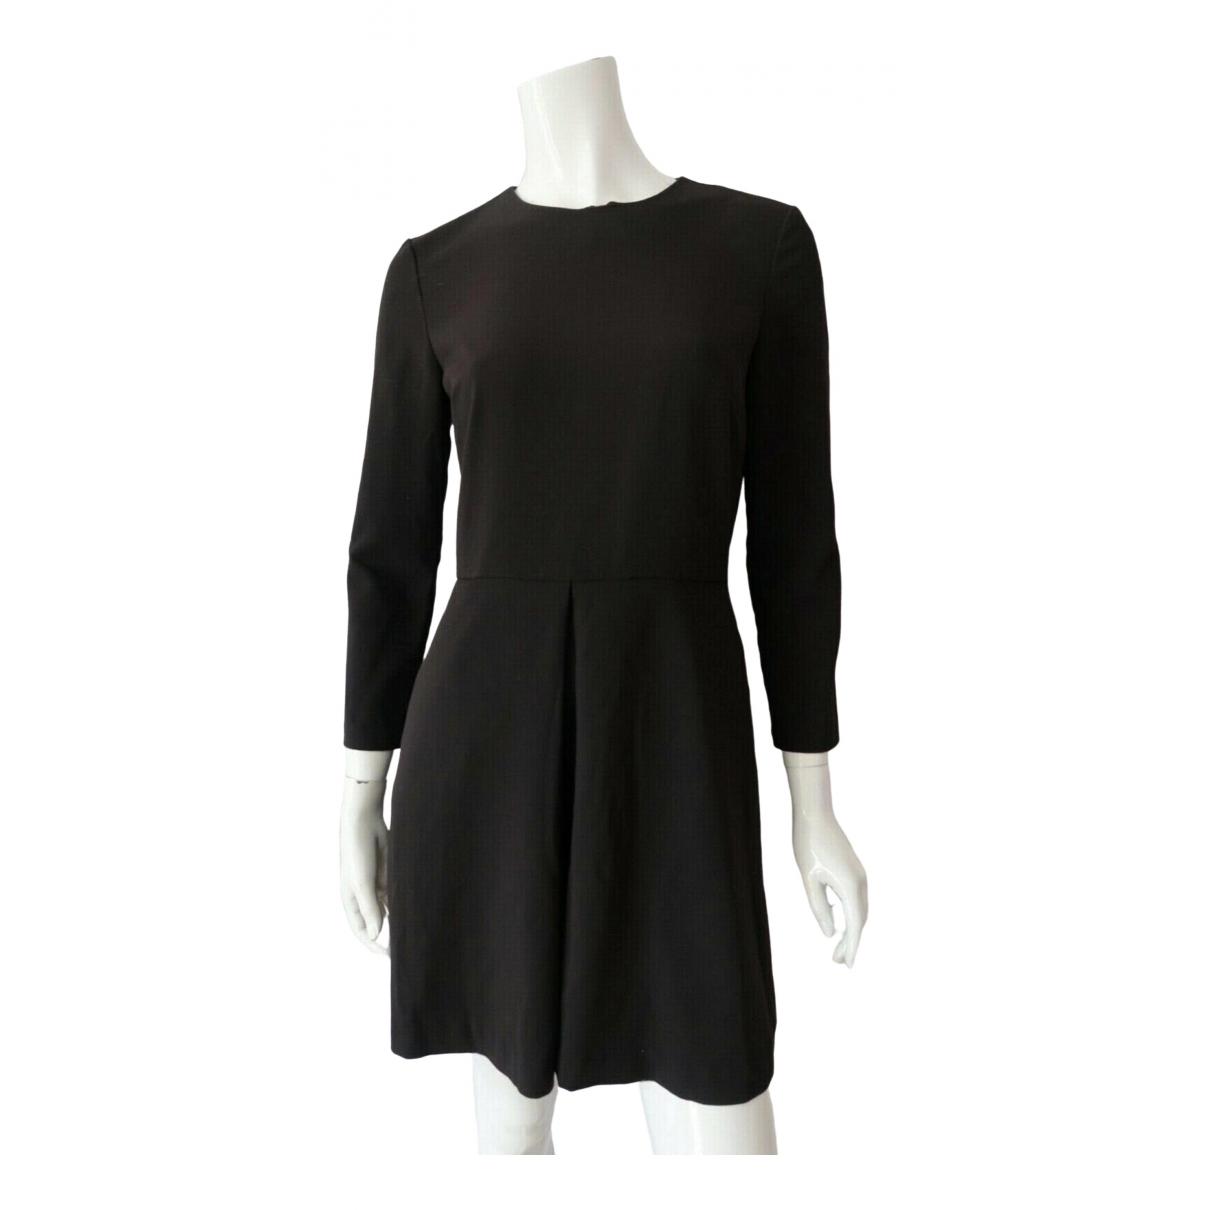 & Stories \N Black dress for Women 38 FR